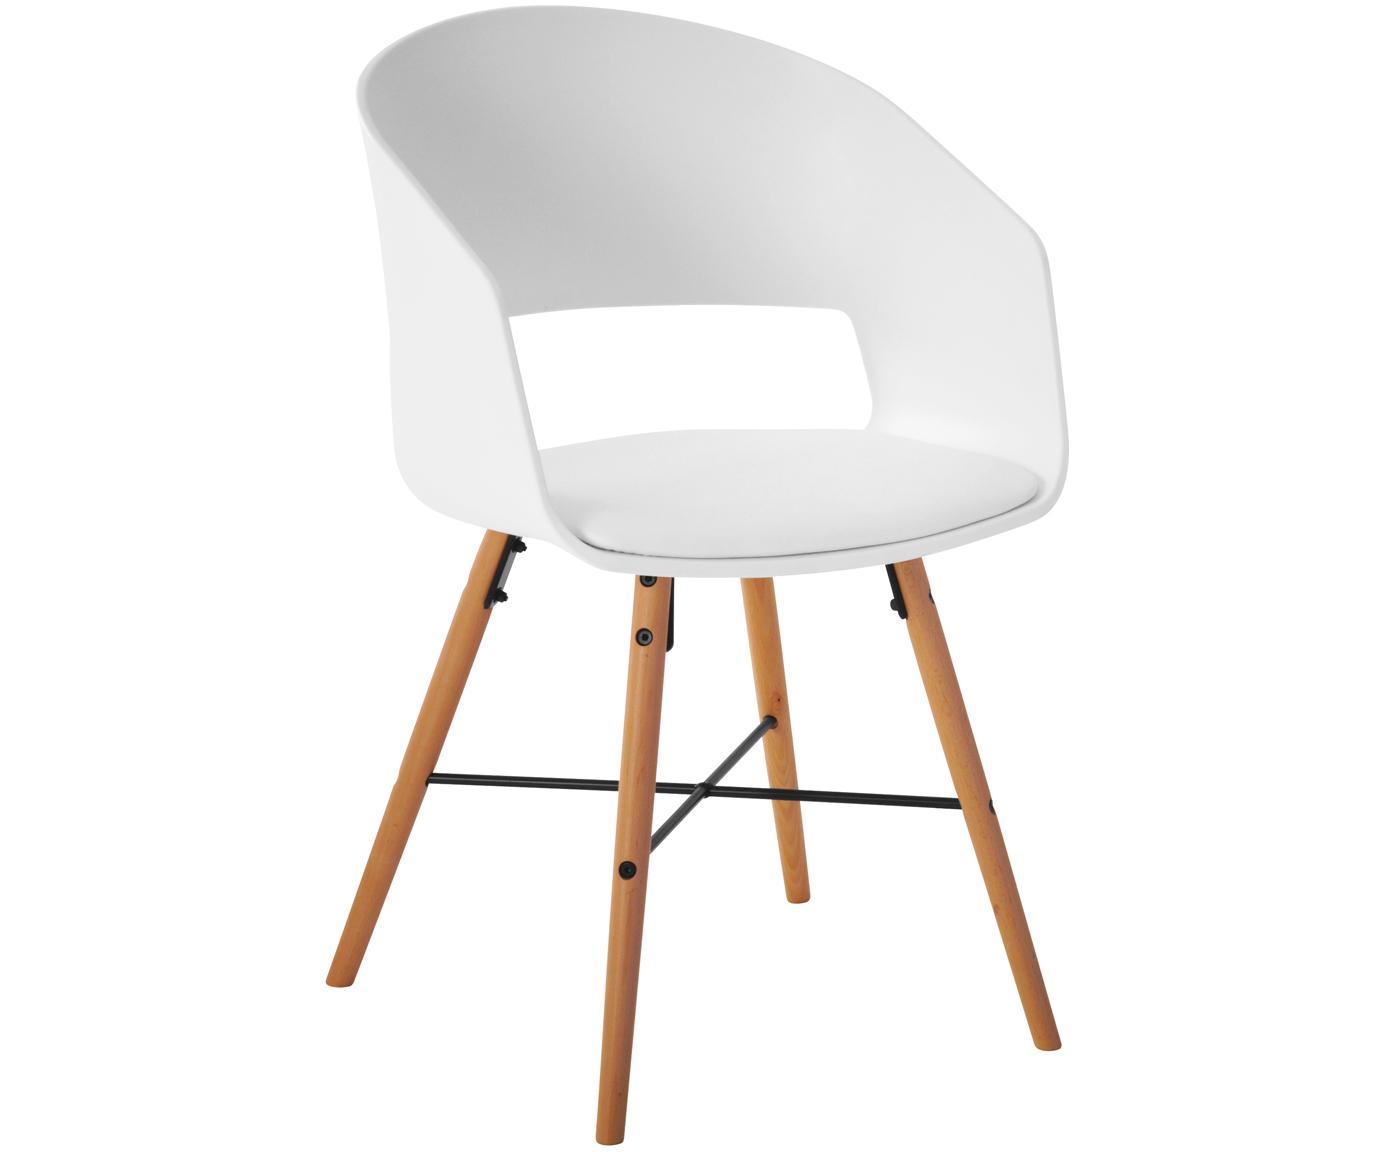 Krzesło z podłokietnikami z tapicerowanym siedziskiem Luna, 2 szt., Nogi: drewno bukowe, lakierowan, Biały, S 52 x W 81 cm